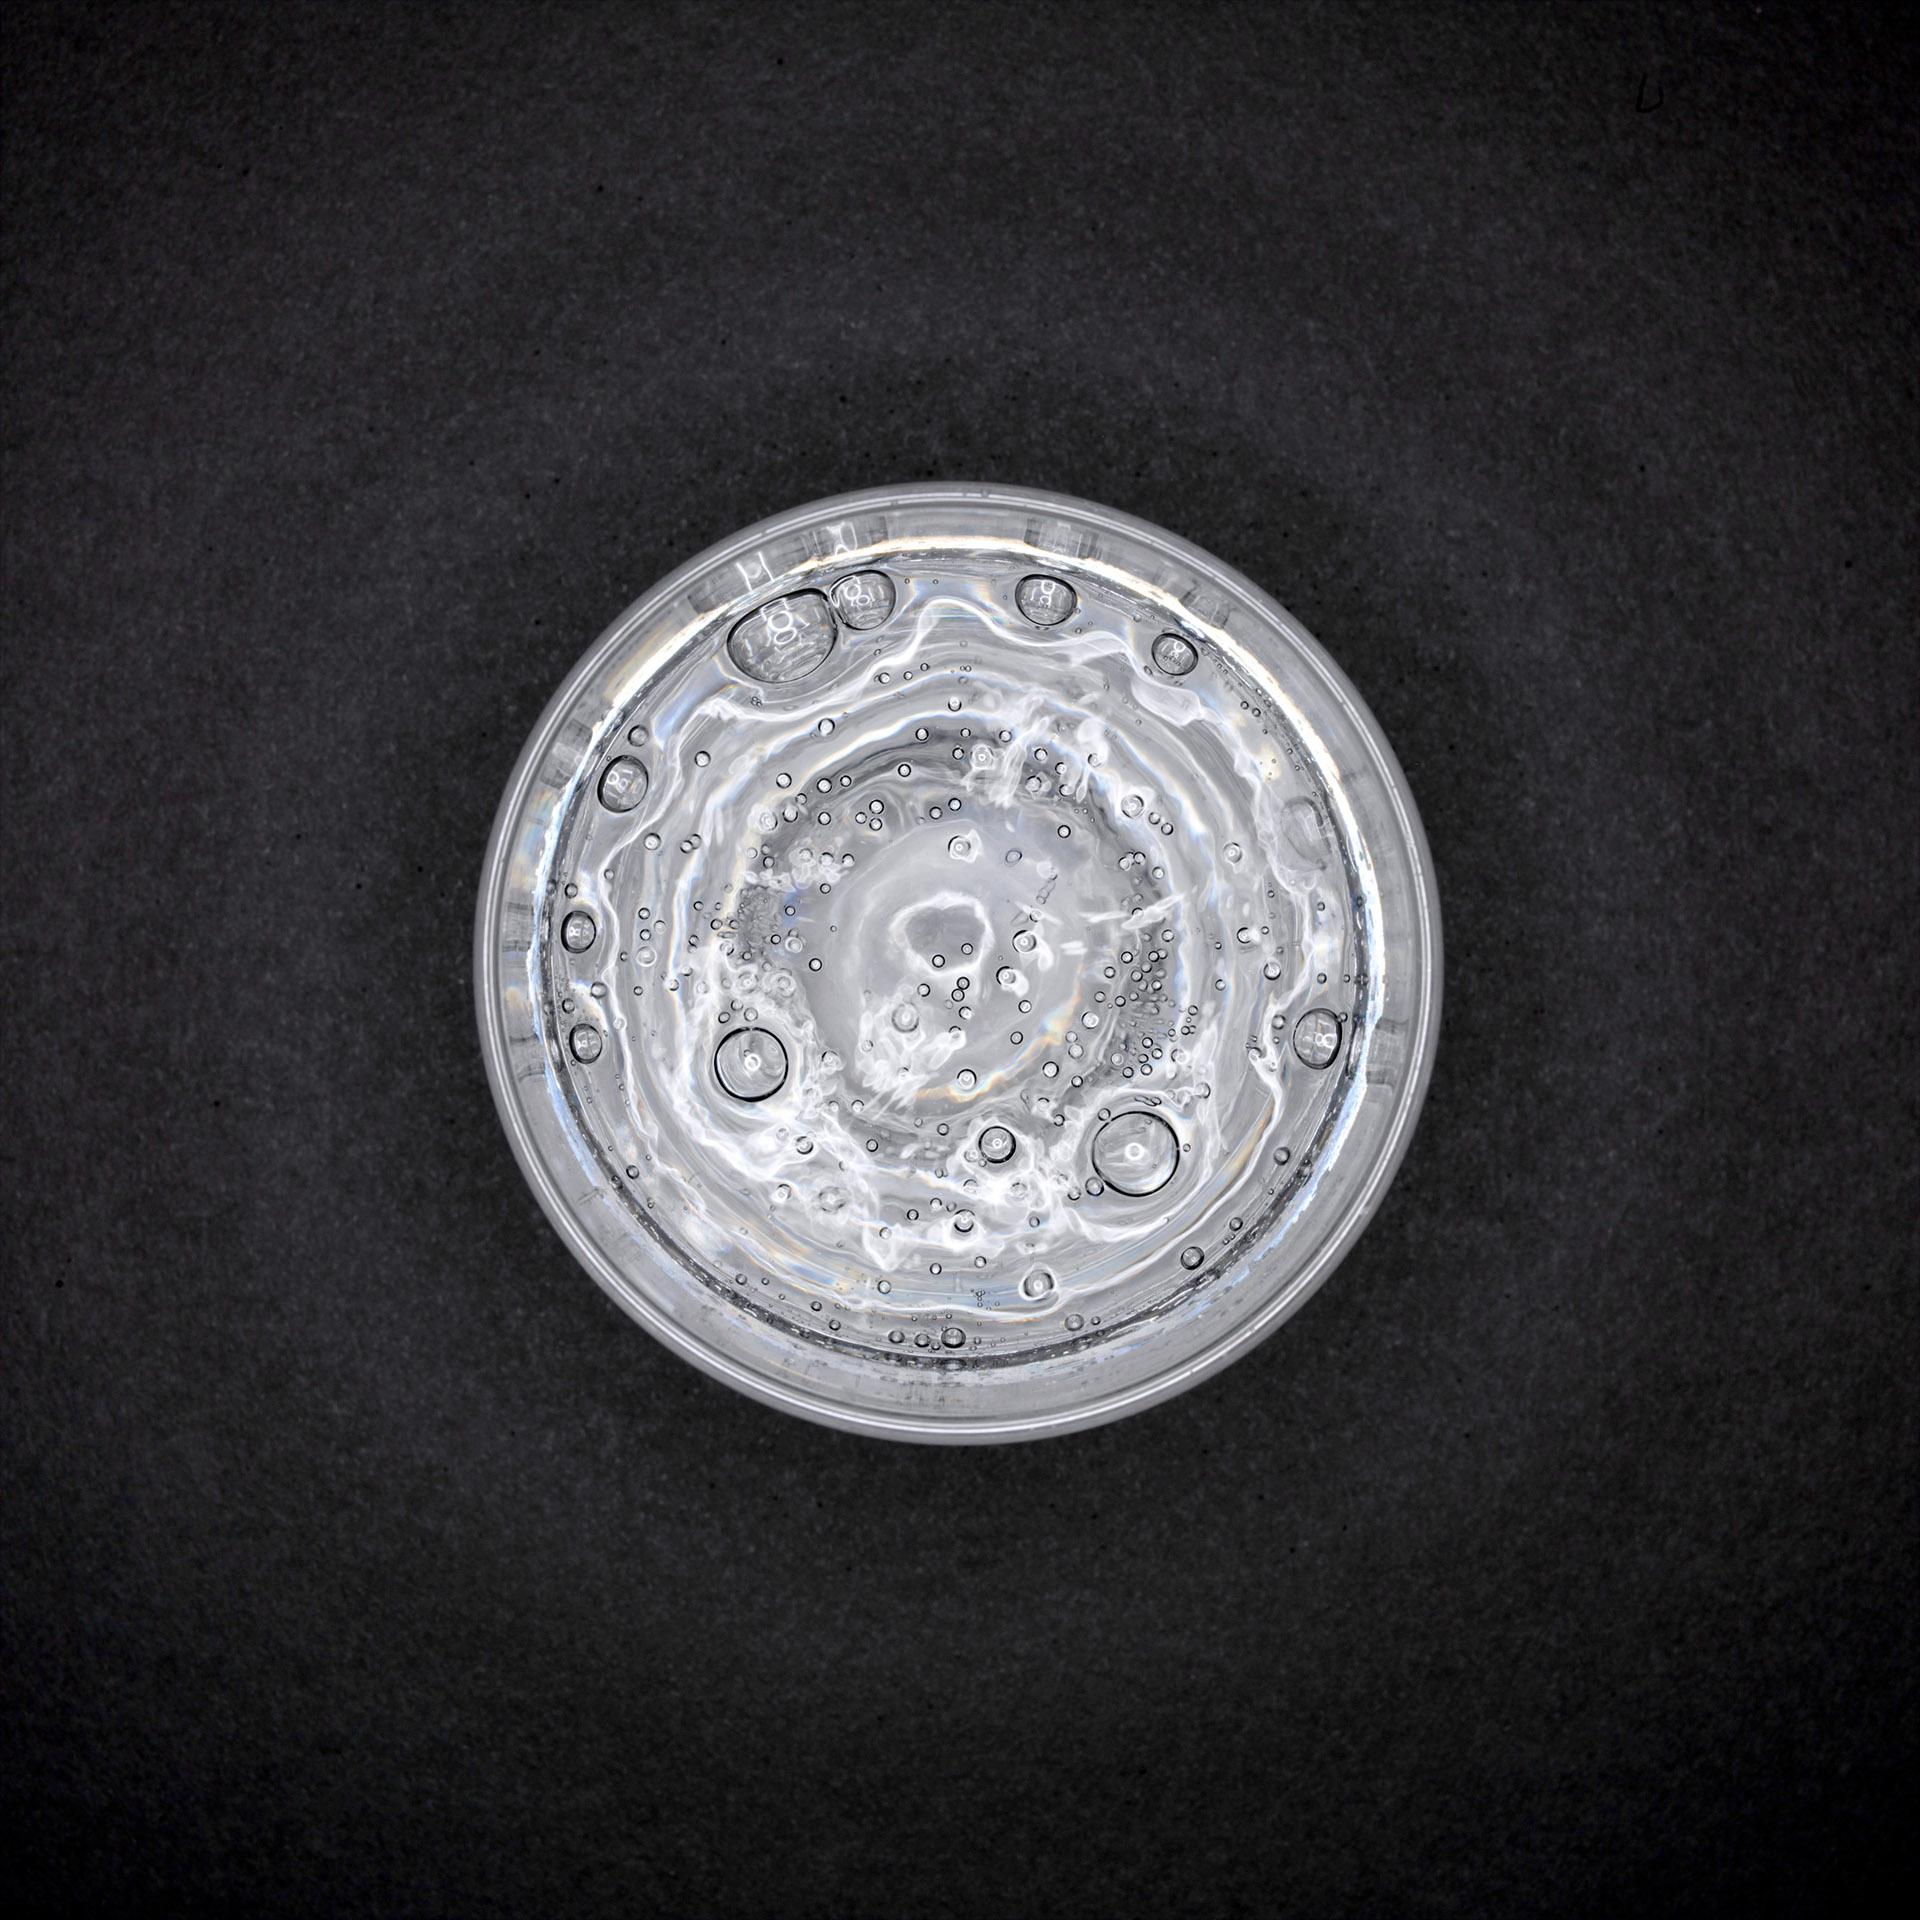 Werbefotografie Fotodesign Oberfranken Selb sprudeliges Wasser in Glas aauf schwarzem Hintergrund aus Vogelperspektive. Feigfotodesign